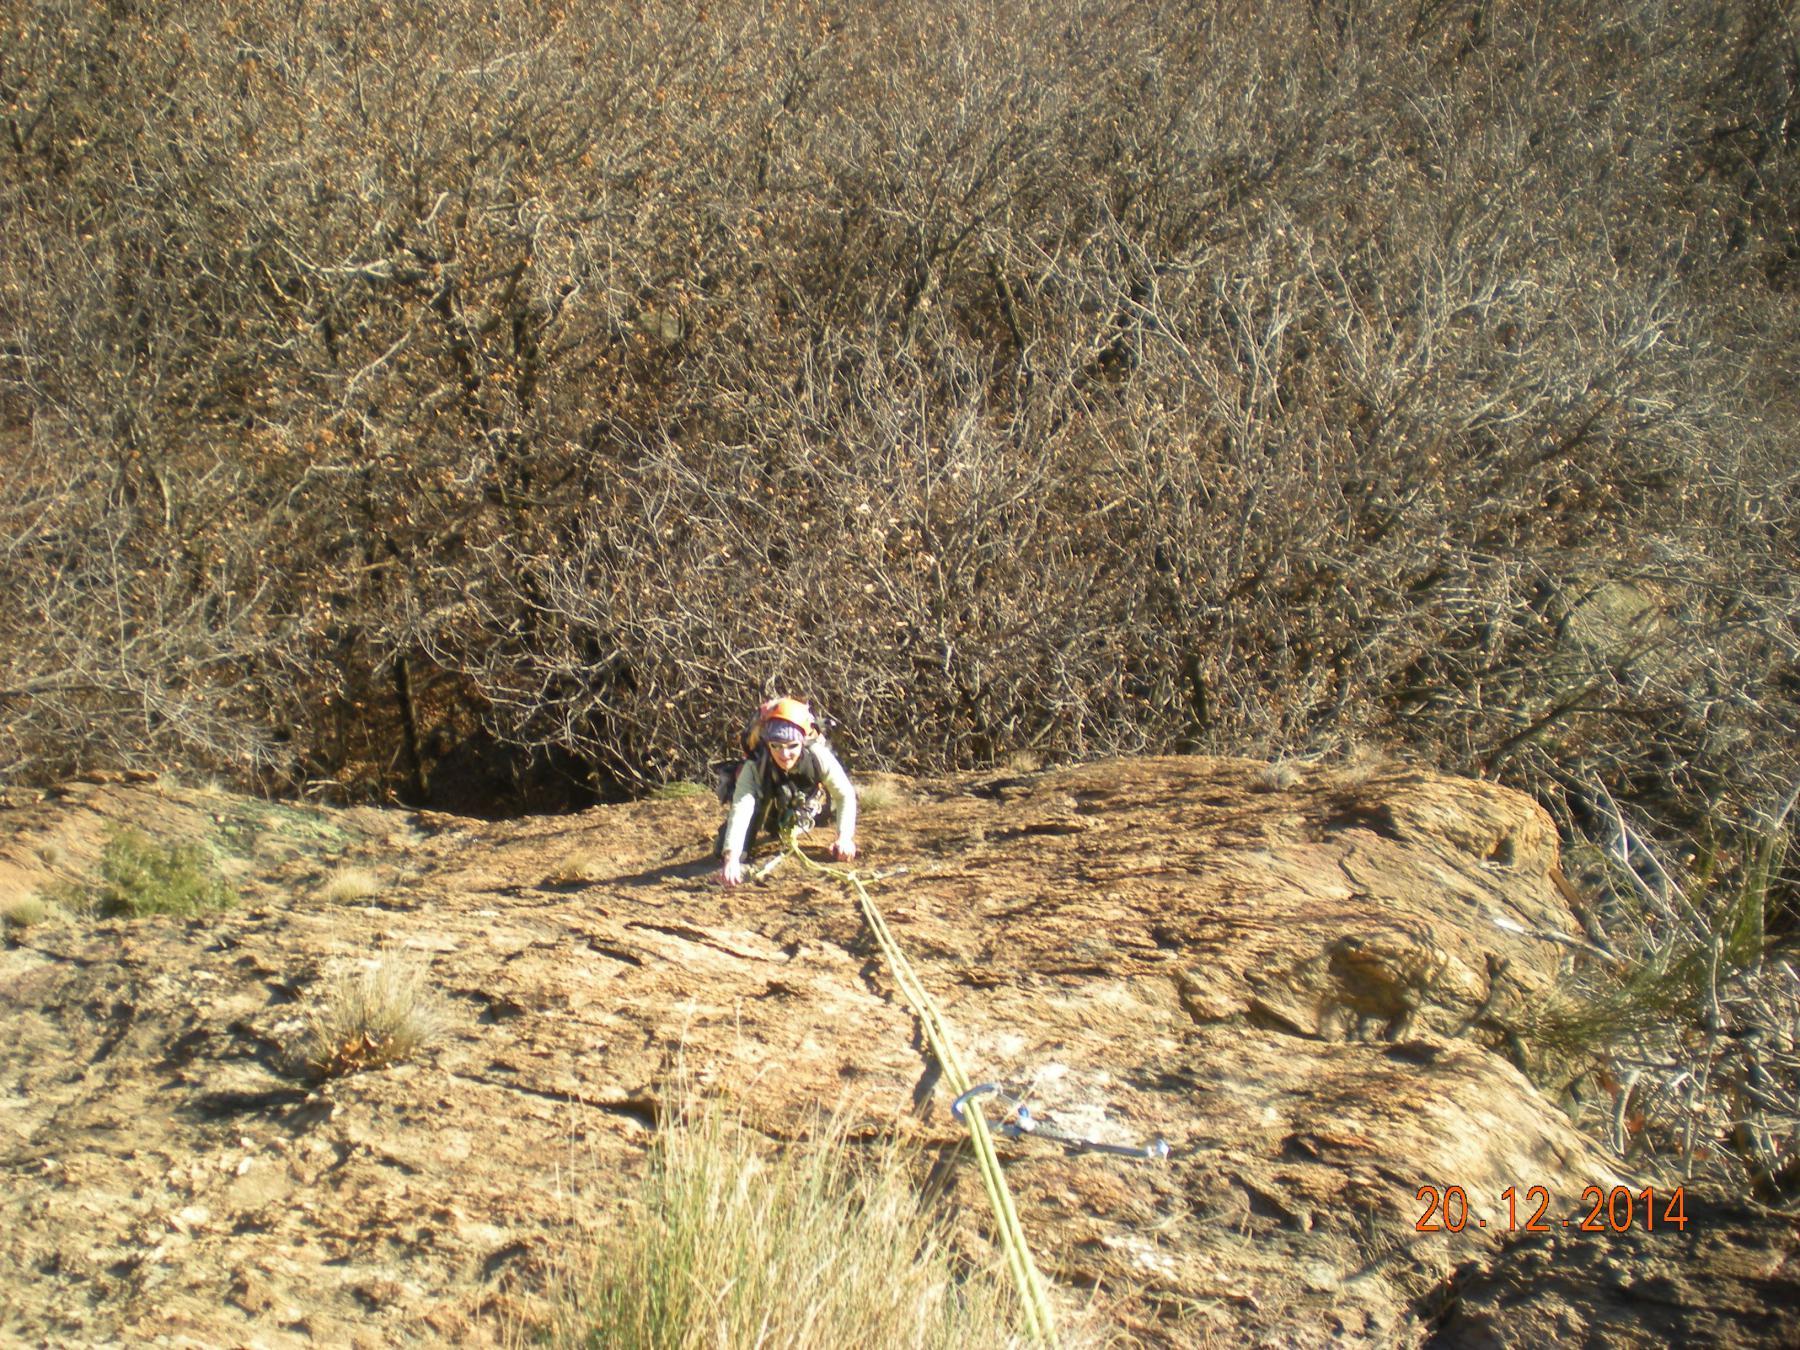 Coudrey (Monte) Frida 2014-12-20